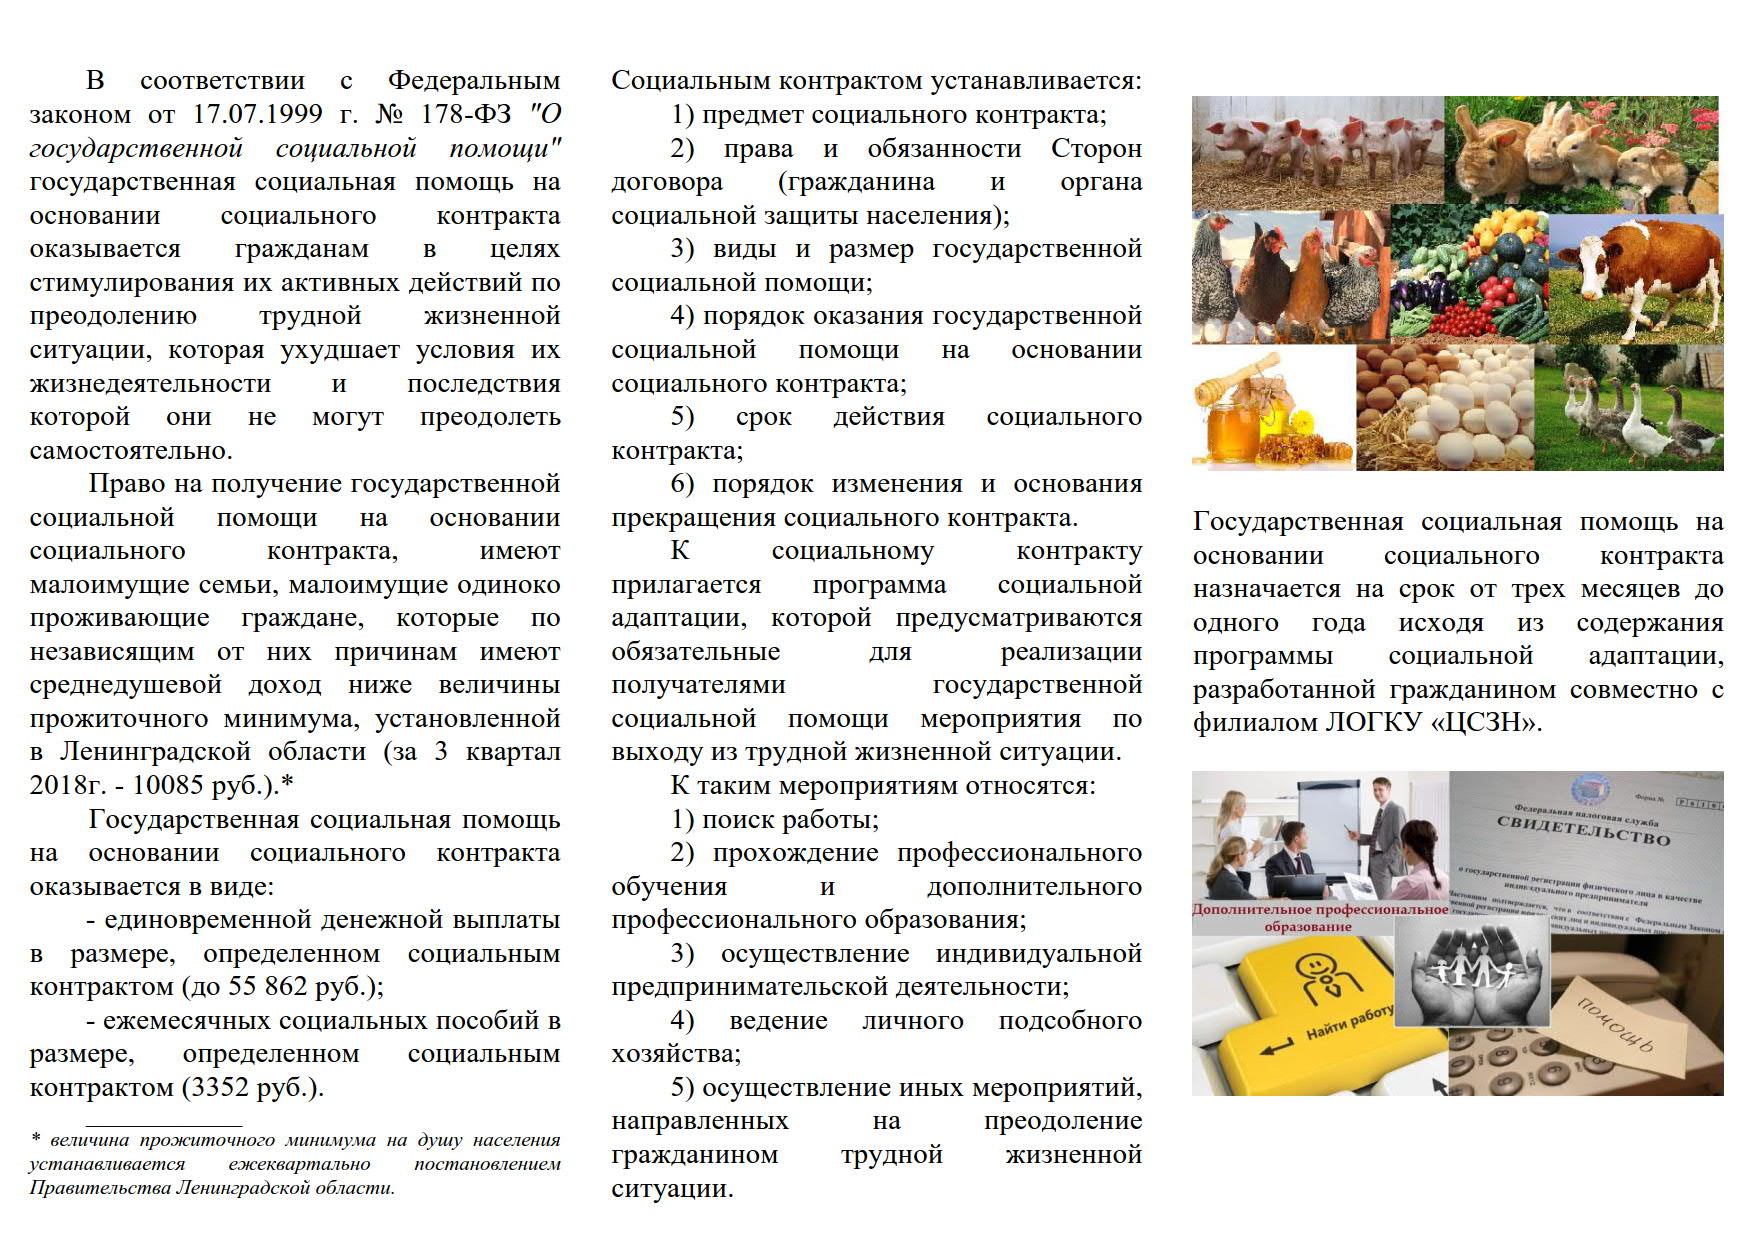 Буклет_соконтракт (2)_2